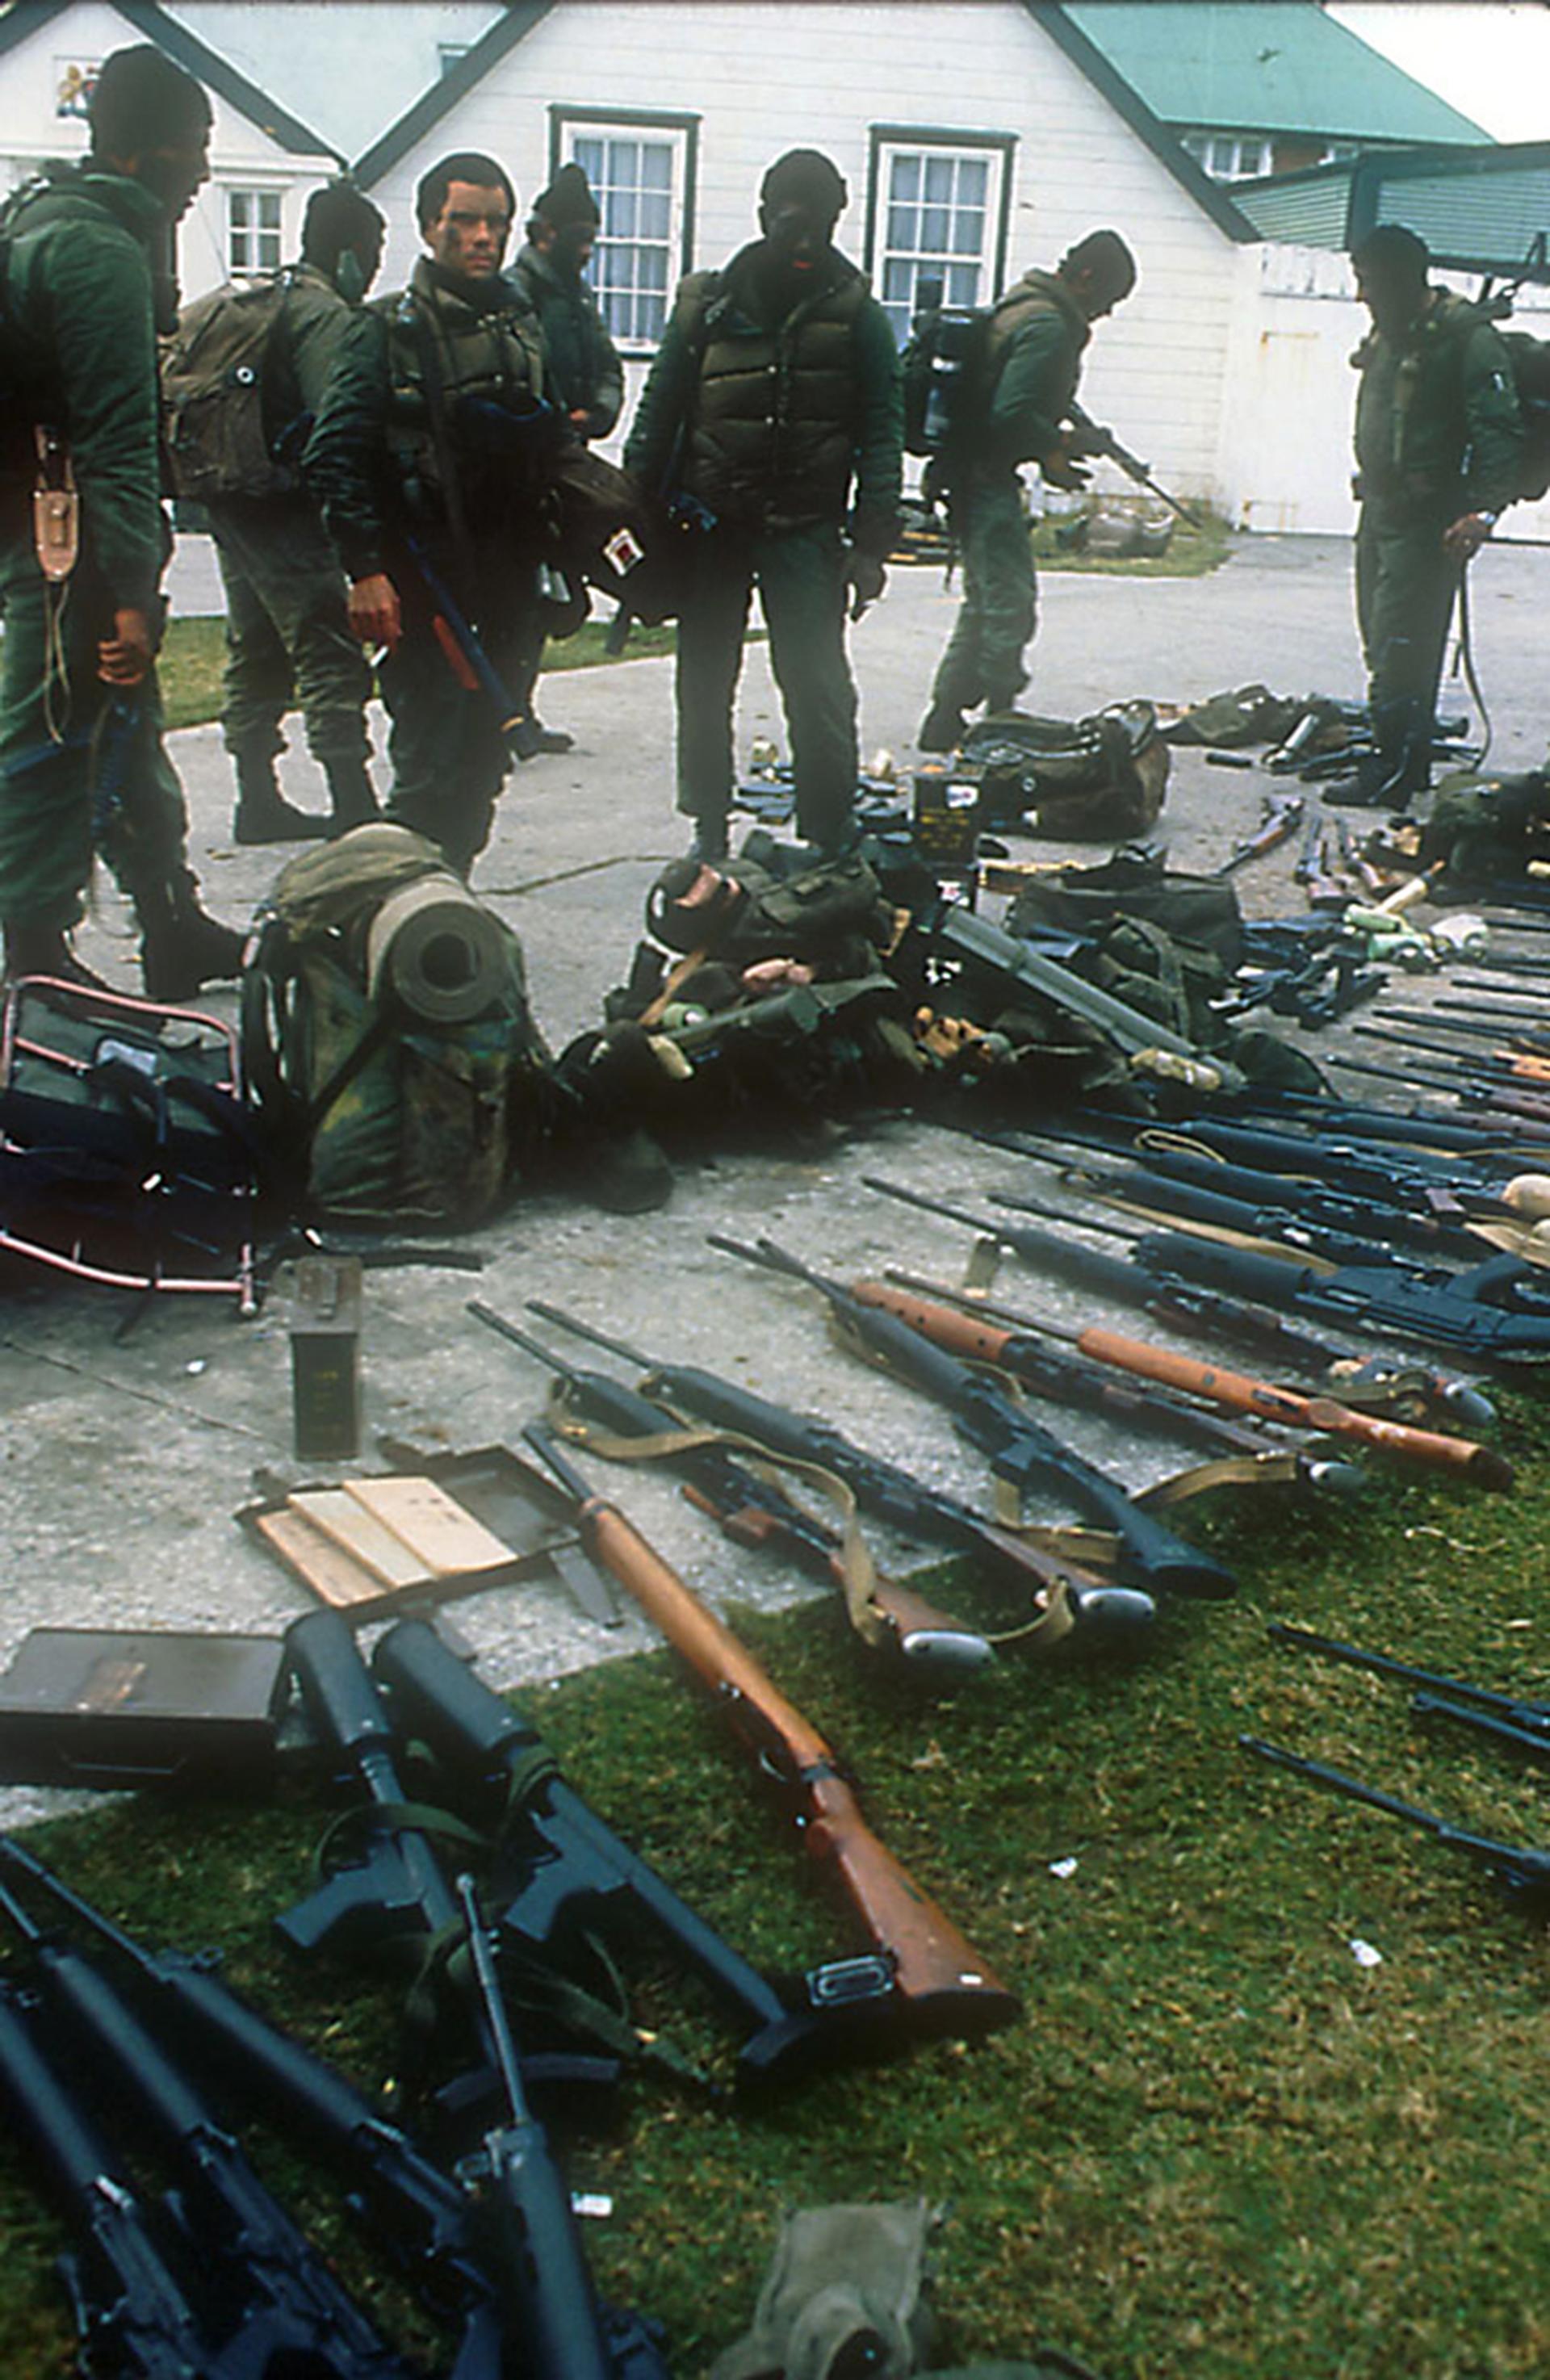 Los comandos argentinosrecolectan las armas de lossoldados británicos y las juntan a un costado de la casa de Hunt, durante la larga mañana del 2 de abril